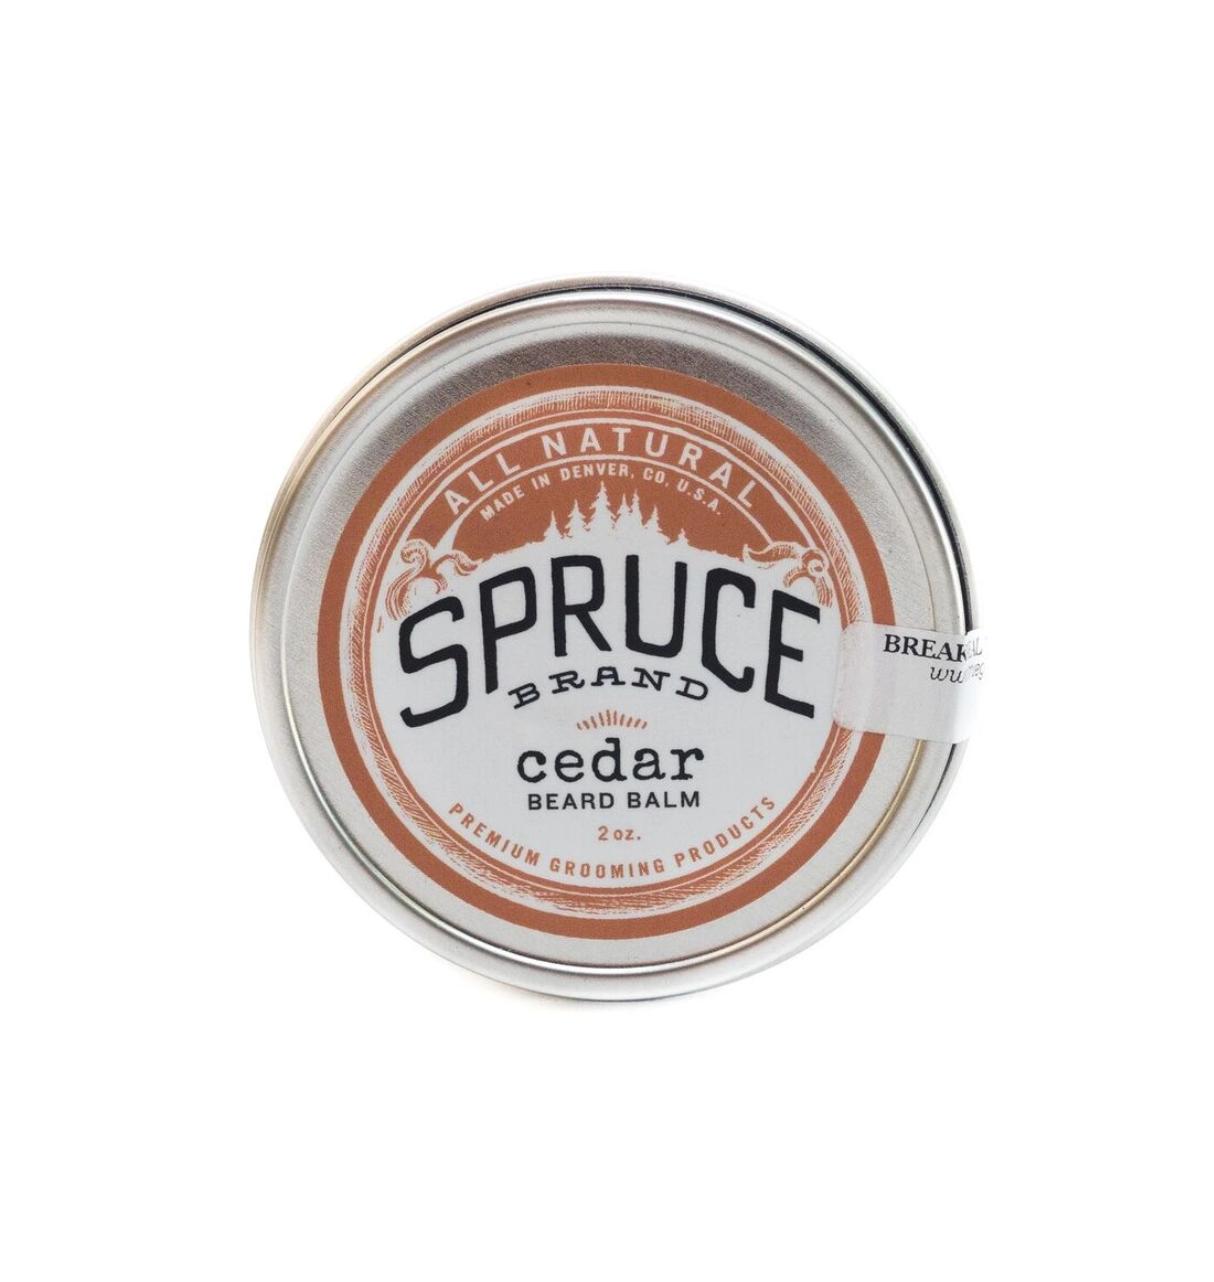 Spruce Beard Collection Cedar Beard Balm